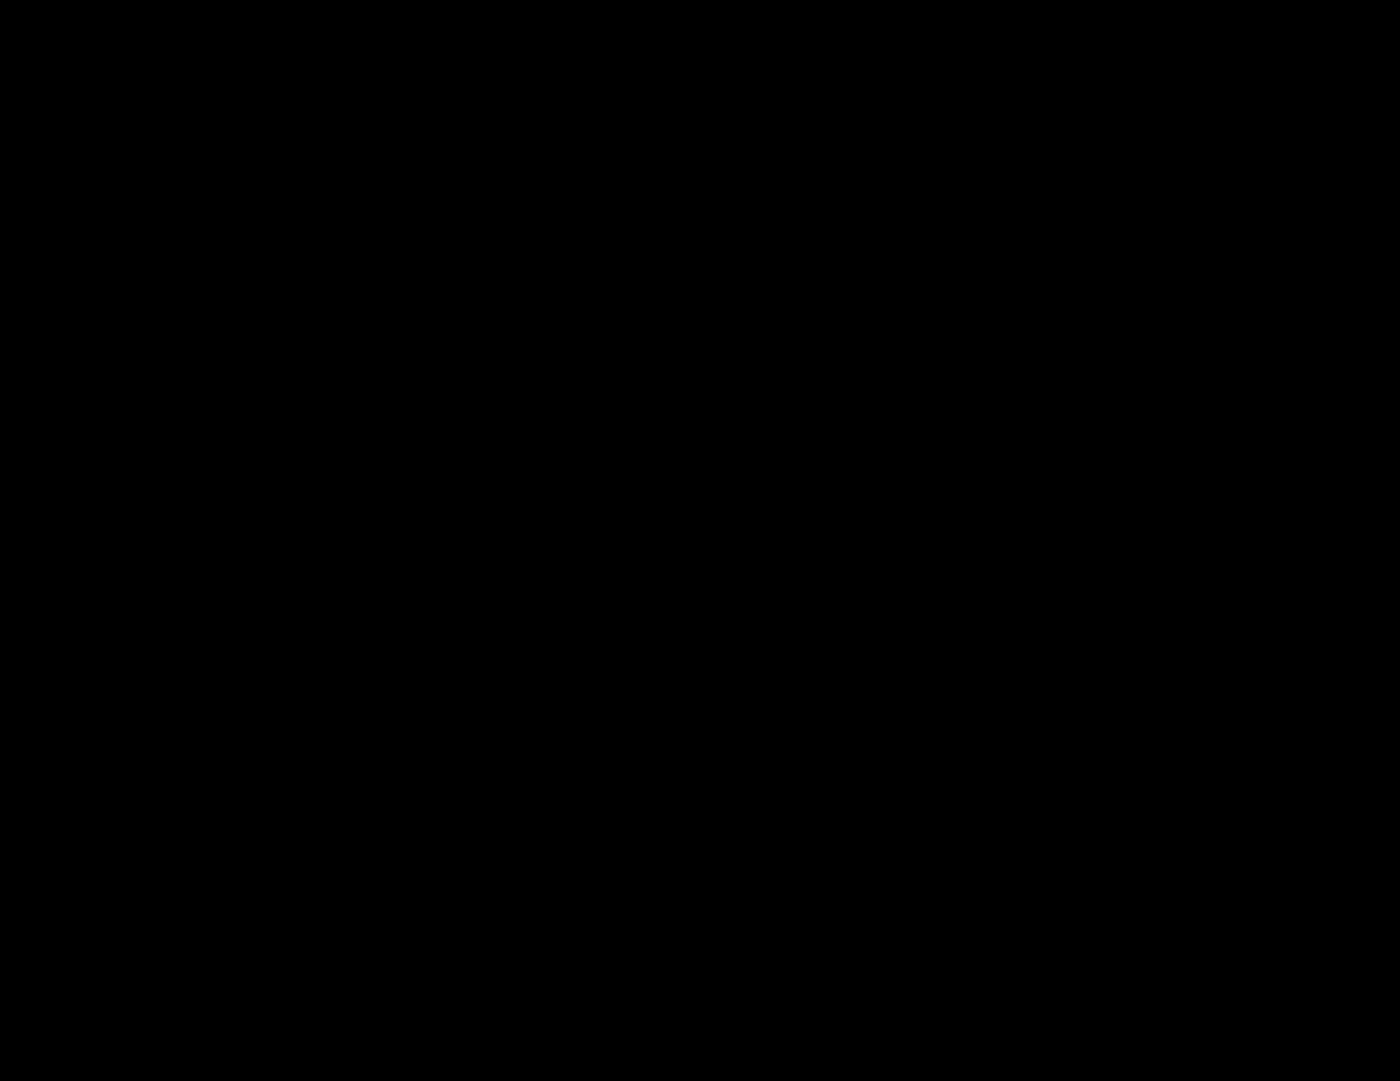 doppelhaus-bauhaus-dachterrasse-grundriss-og